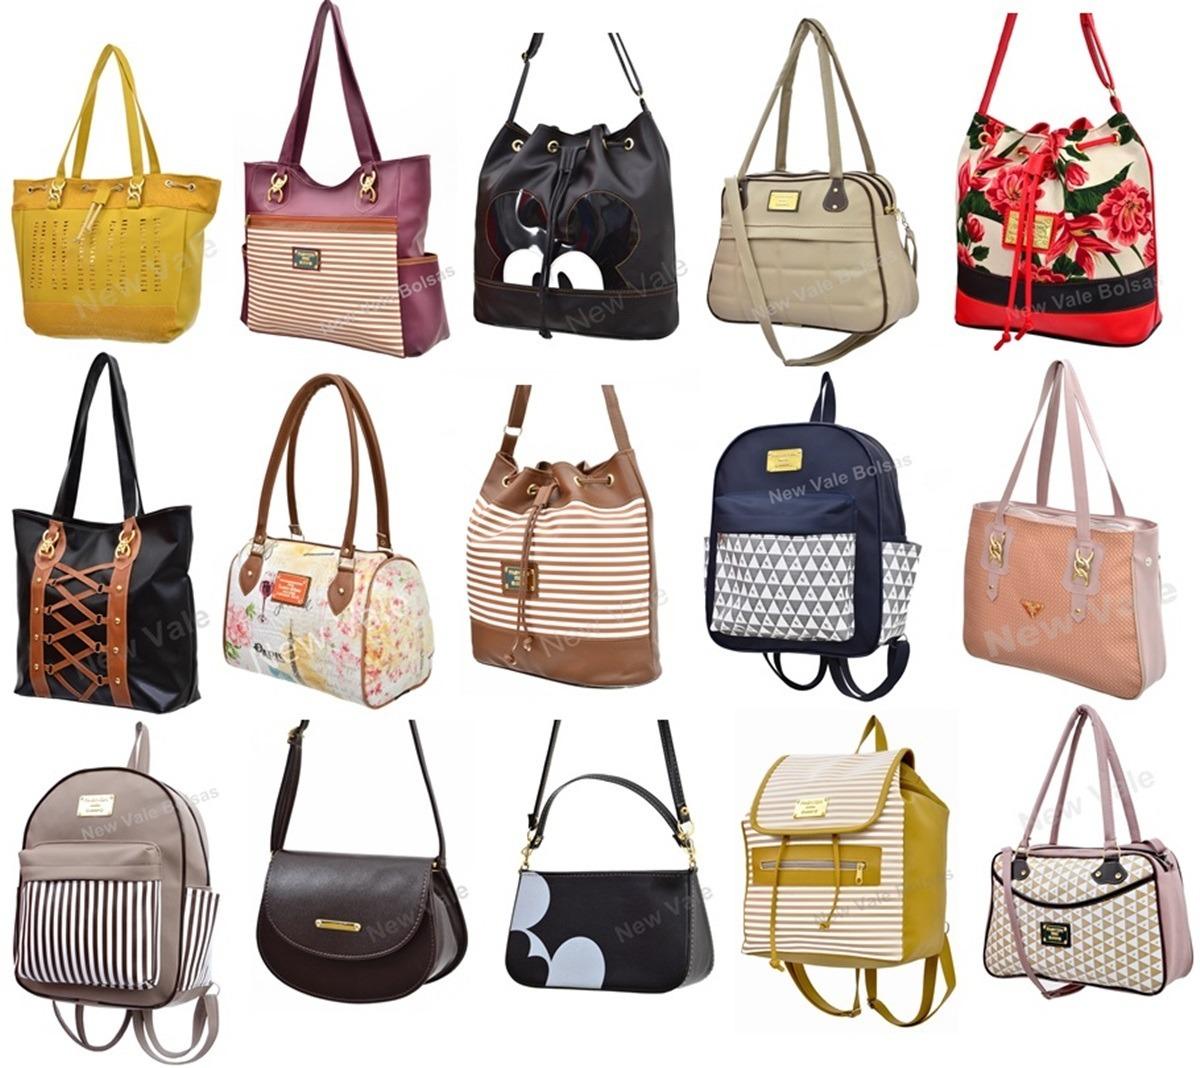 513510d23 kit 10 bolsas femininas p/ revenda preço de fábrica atacado. Carregando zoom .